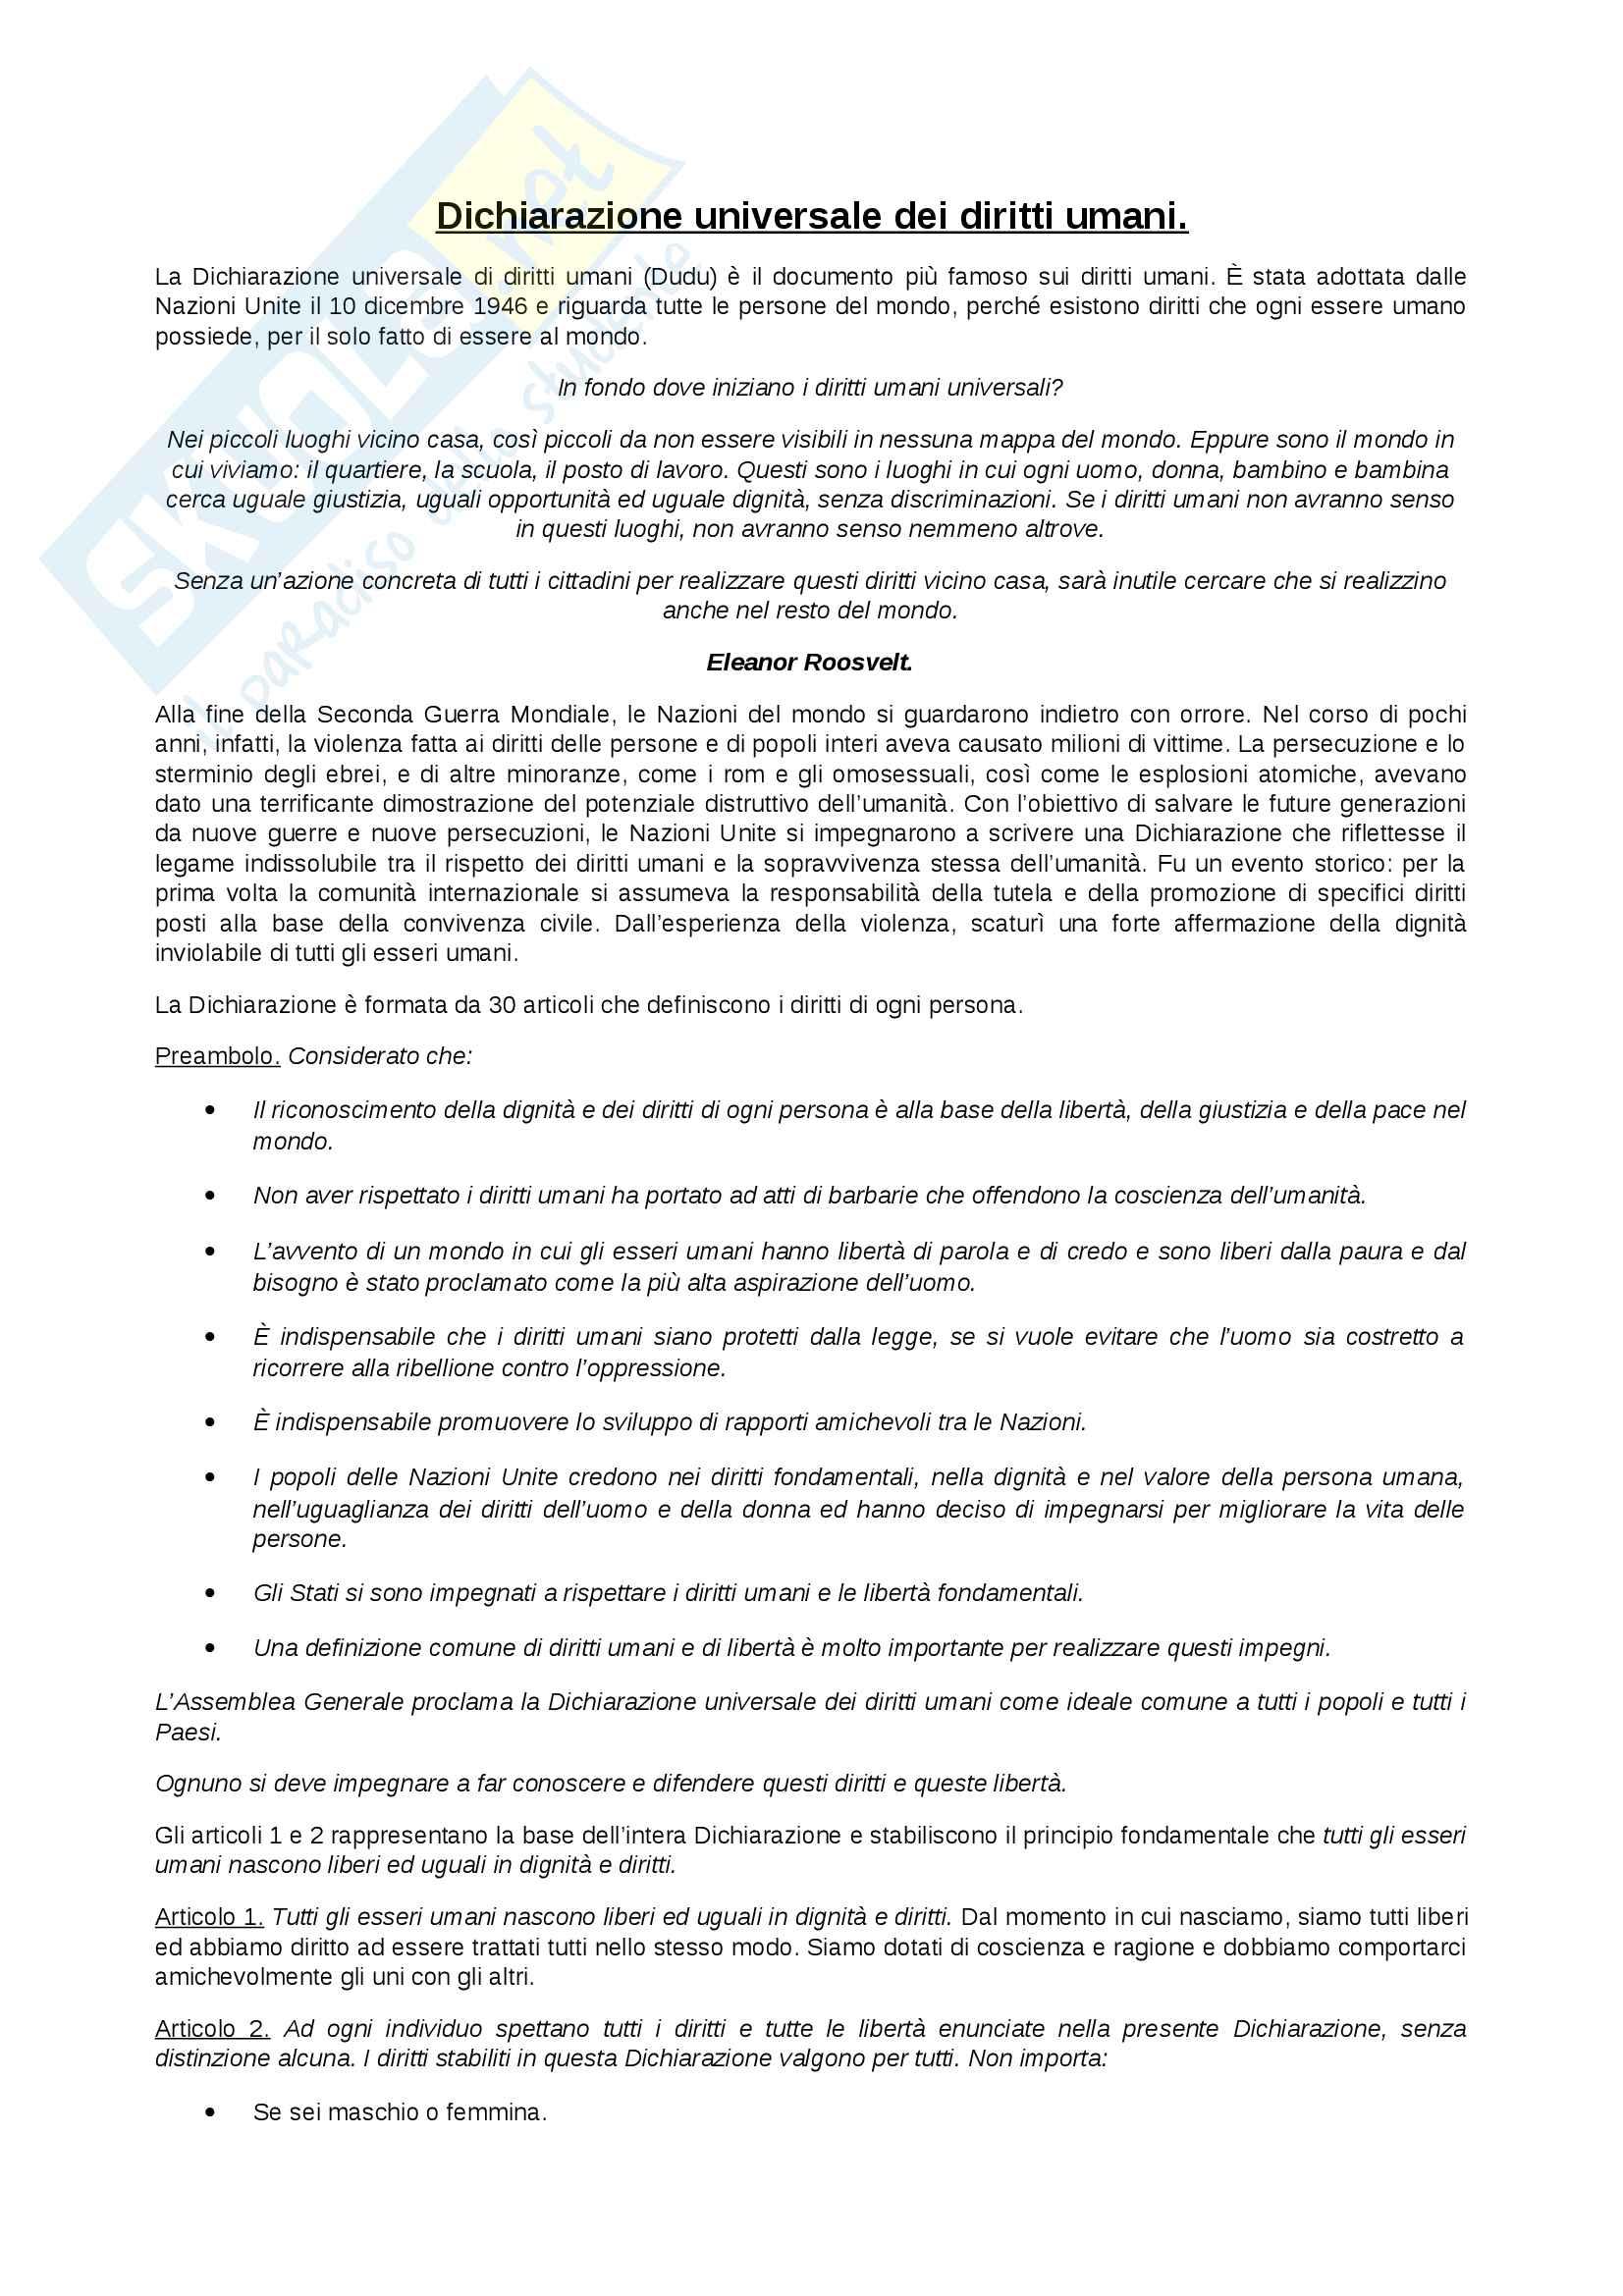 Commento alla Dichiarazione universale dei diritti umani